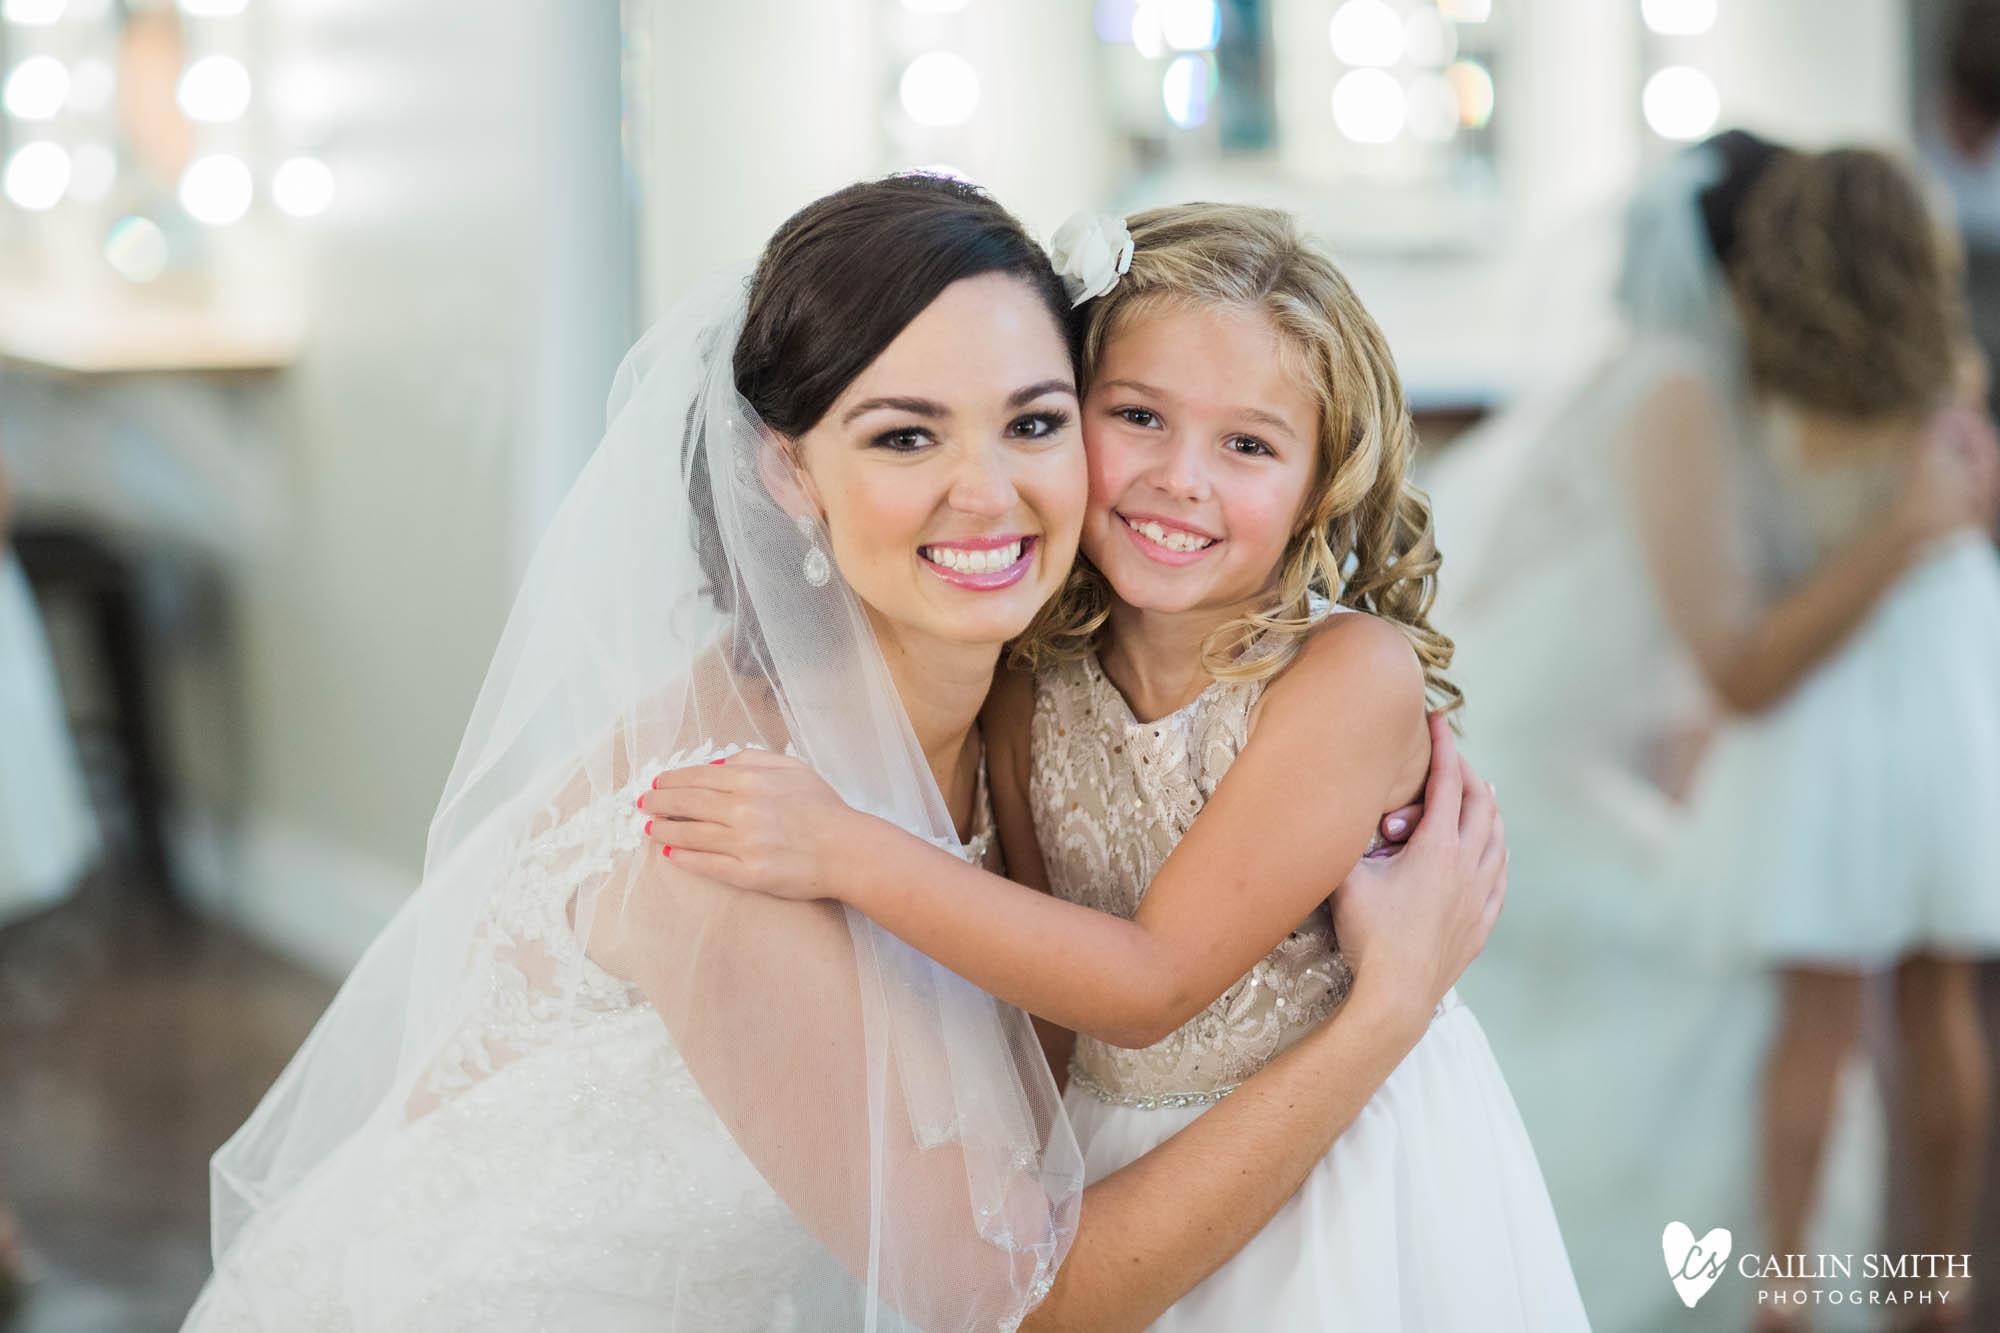 Bethany_Kyle_Bowing_Oaks_Plantation_Wedding_Photography_0019.jpg